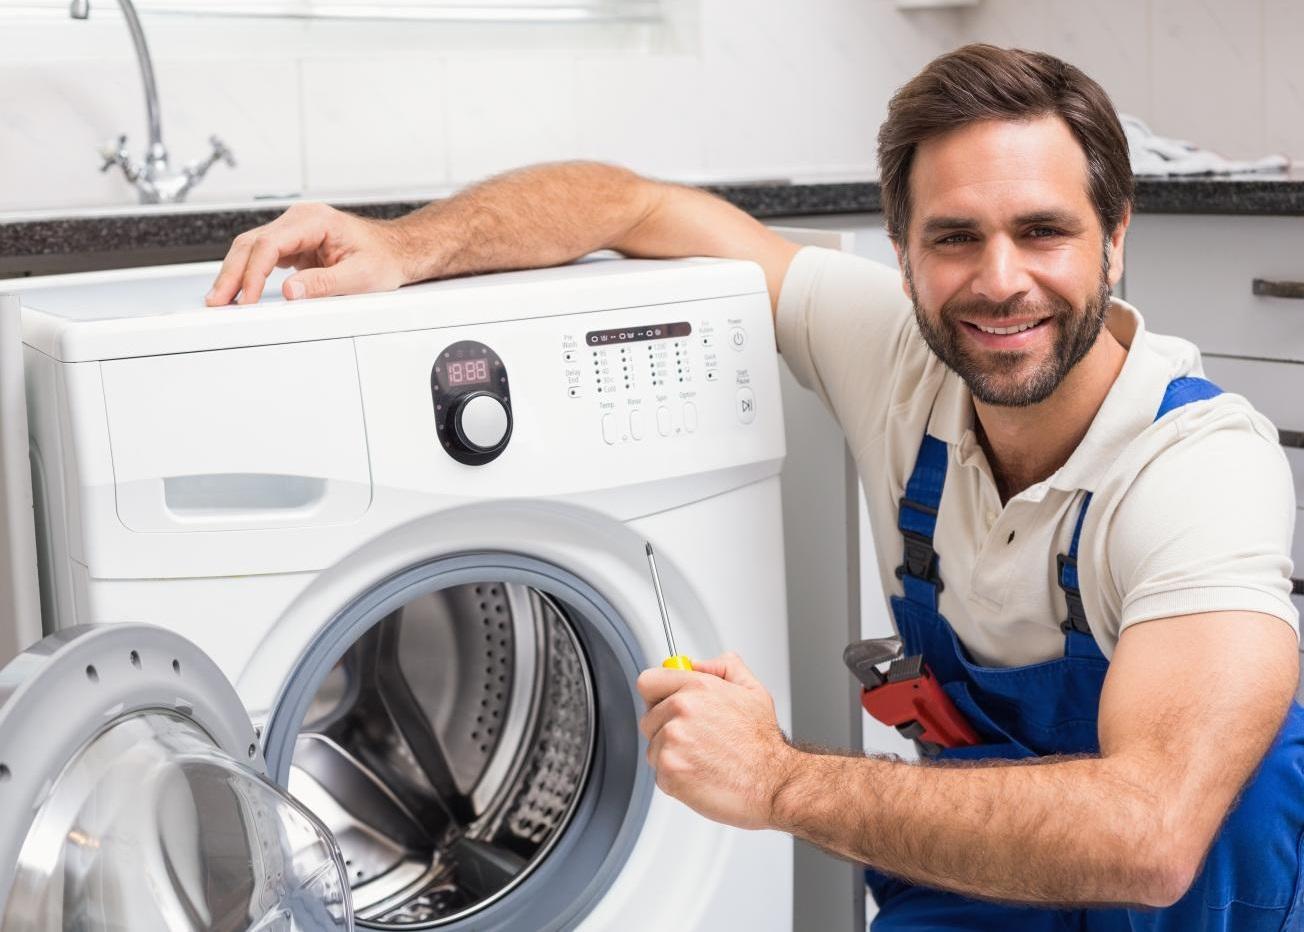 Как отремонтировать барабан стиральной машины самостоятельно в домашних условиях, не прибегая к услугам специализированных центров